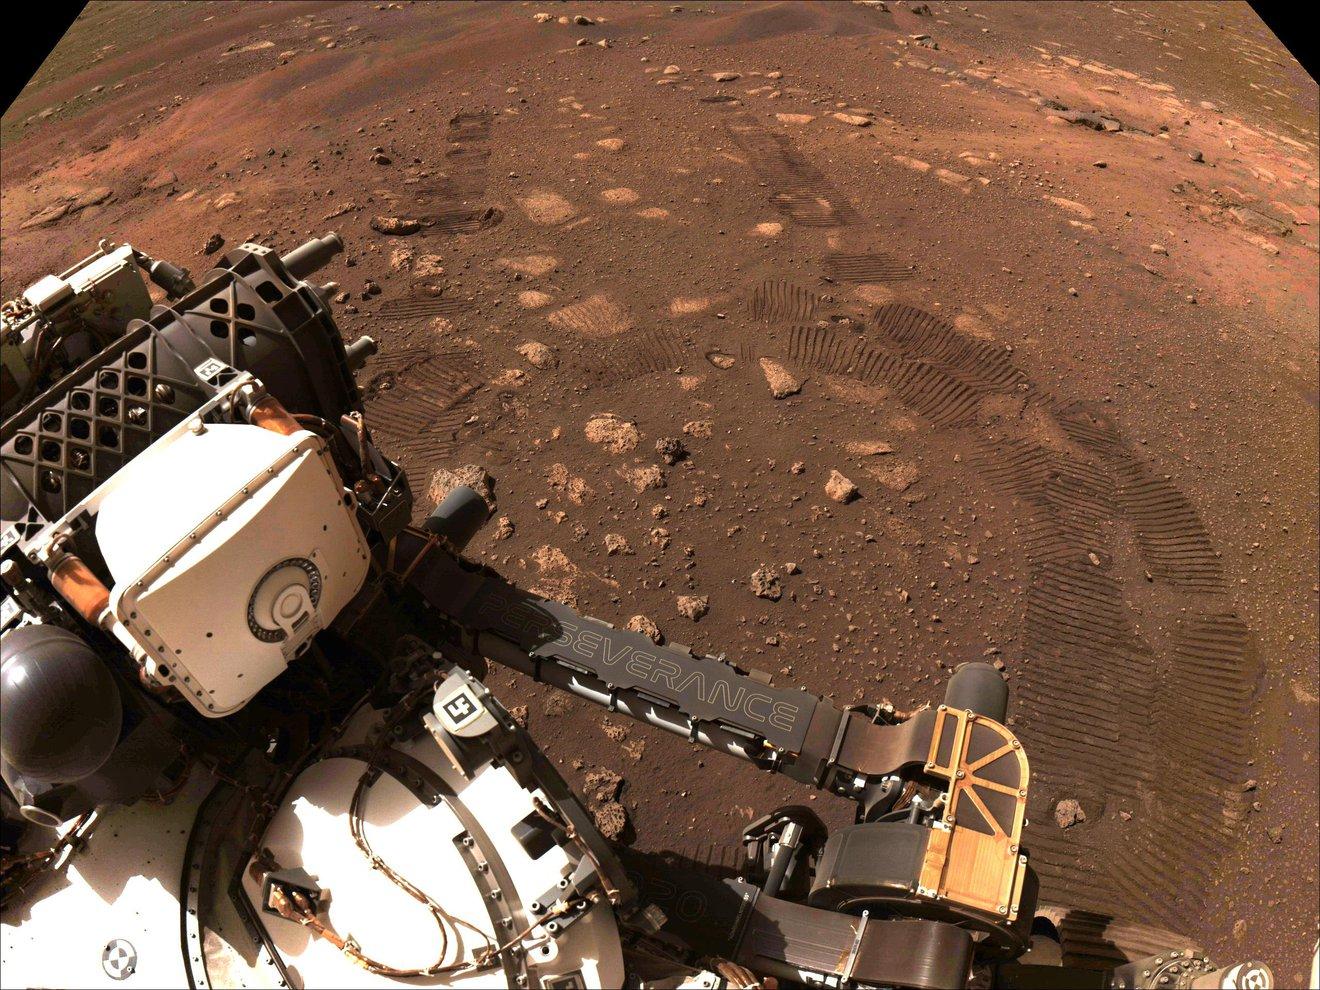 El rover Perseverance de la NASA se desplaza, por primera vez, por la superficie de Marte.